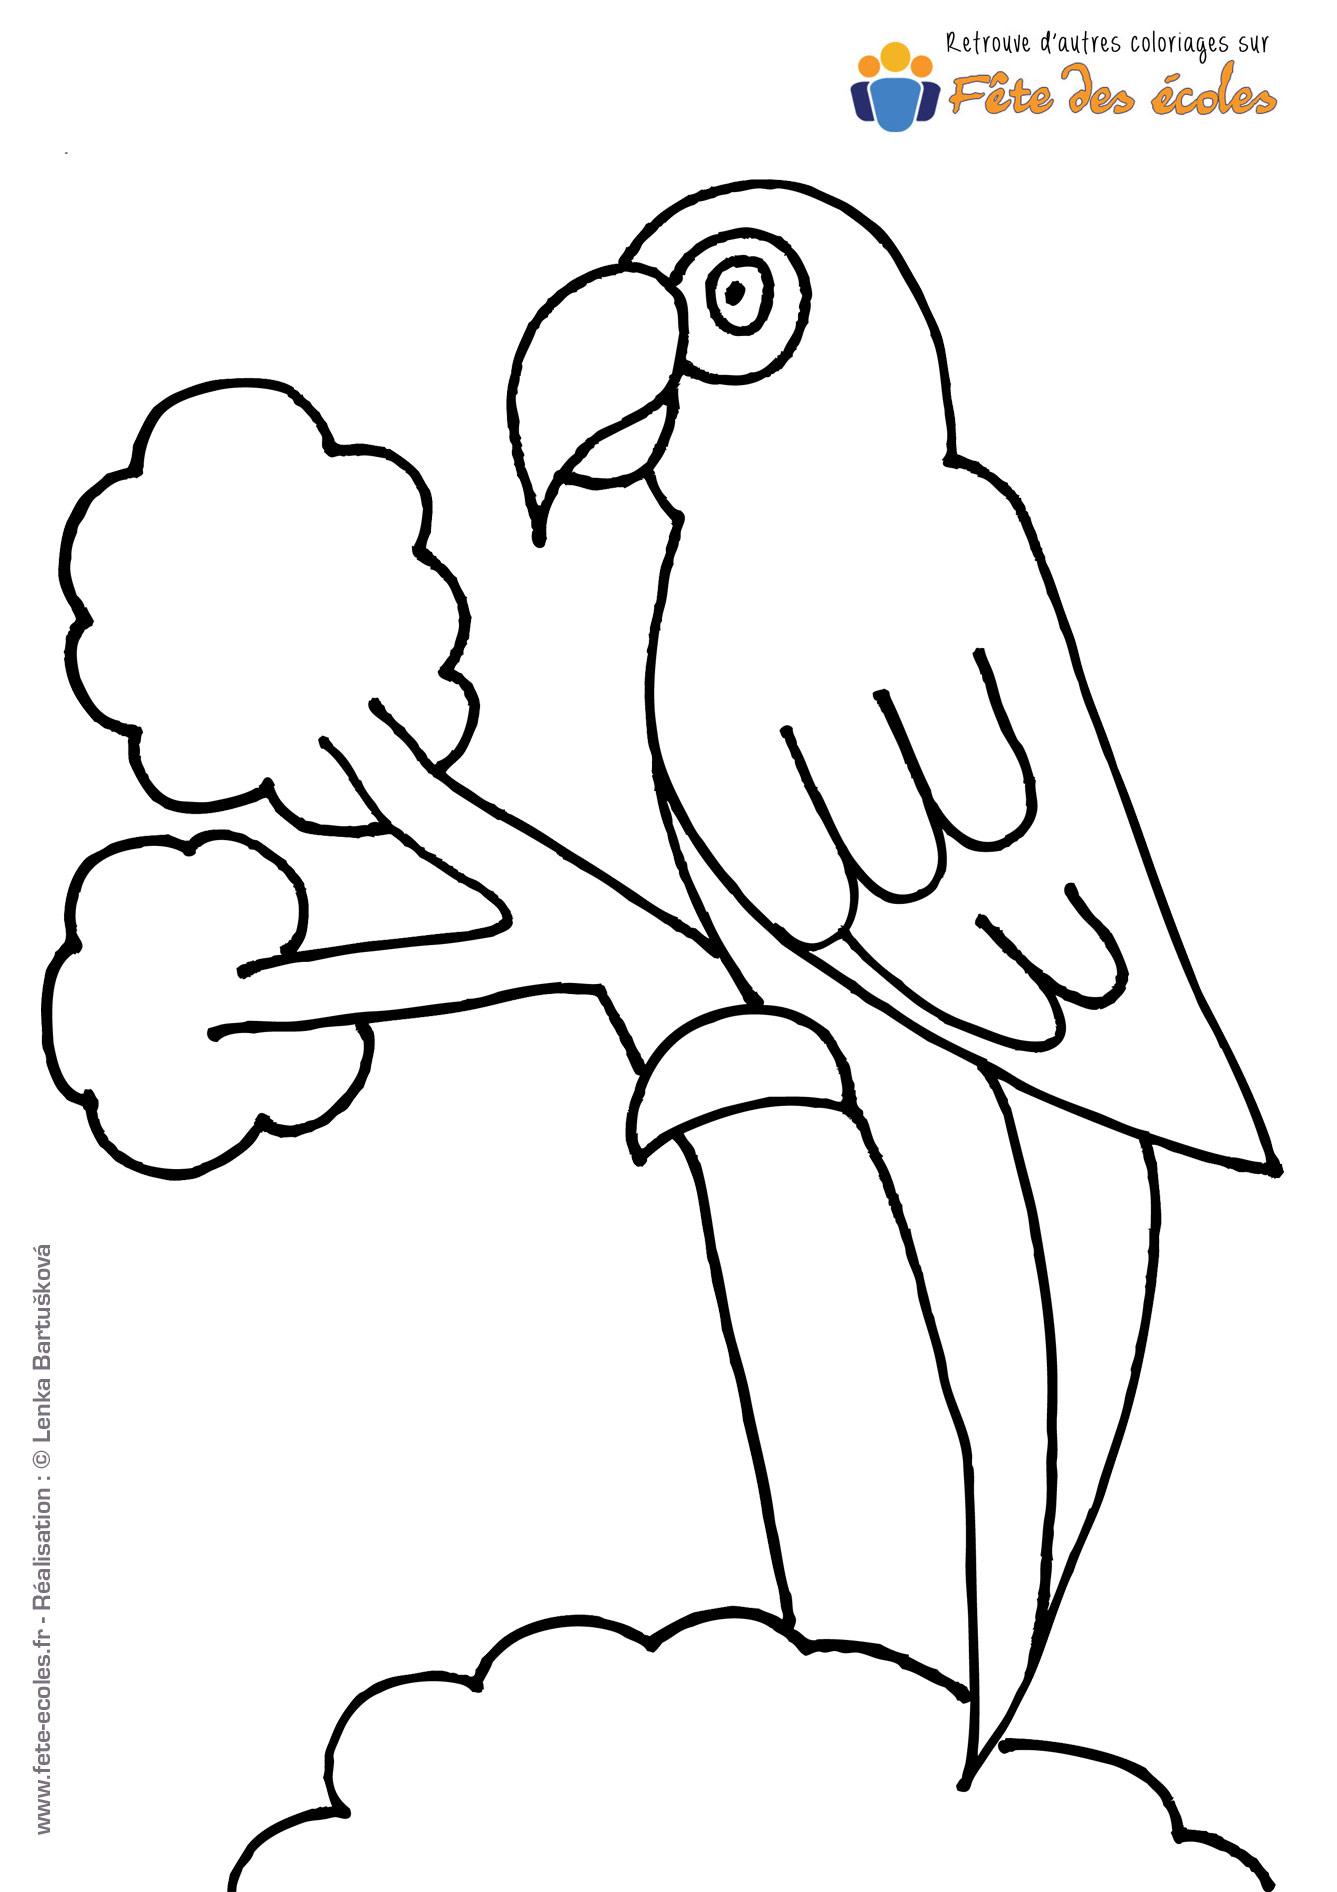 Coloriage perroquet sur sa branche - Perroquet en dessin ...